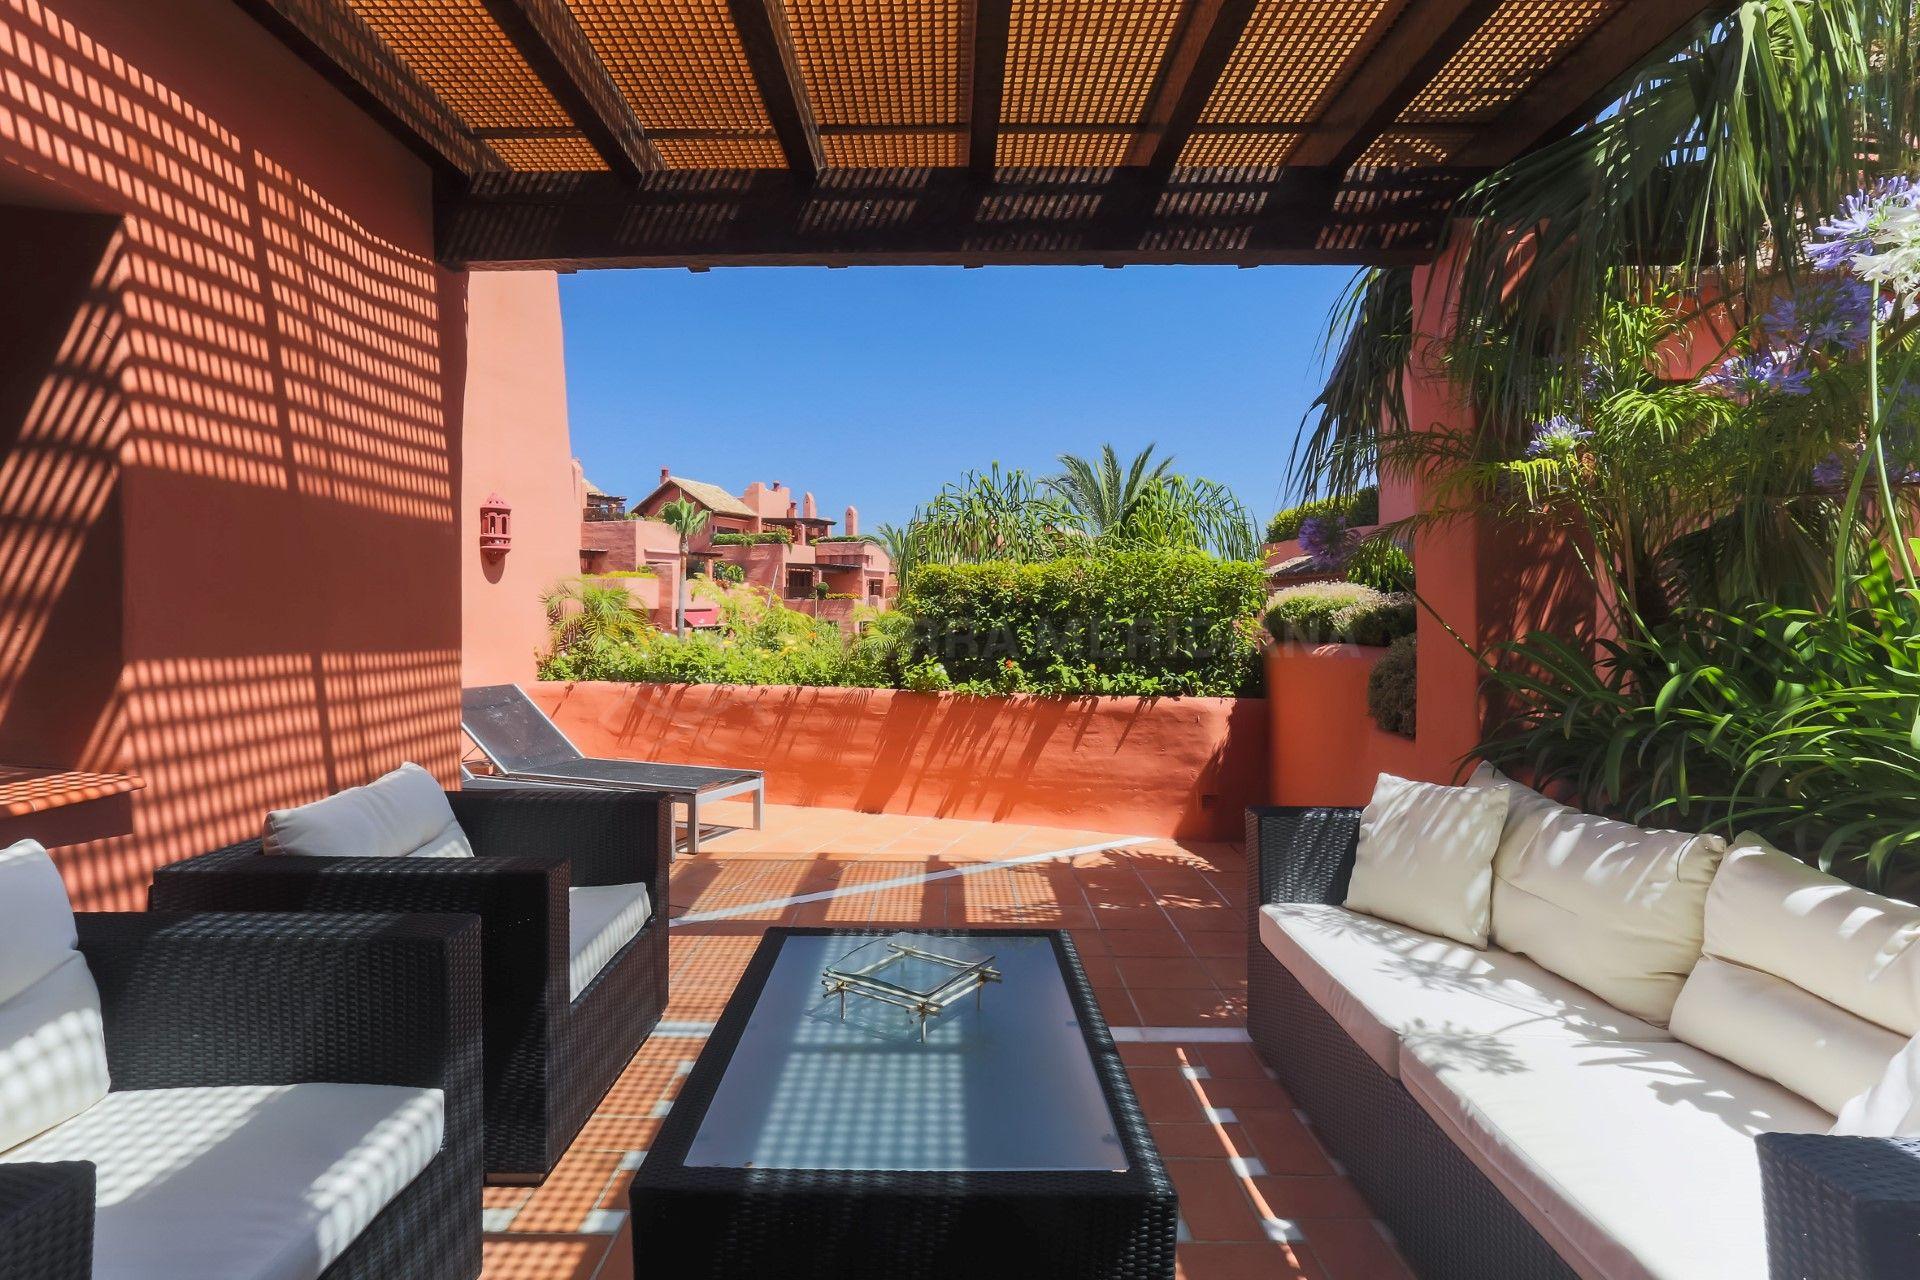 Tico de lujo con dos terrazas piscinas jardines y acceso directo a la playa torre bermeja - Terraza con barbacoa ...